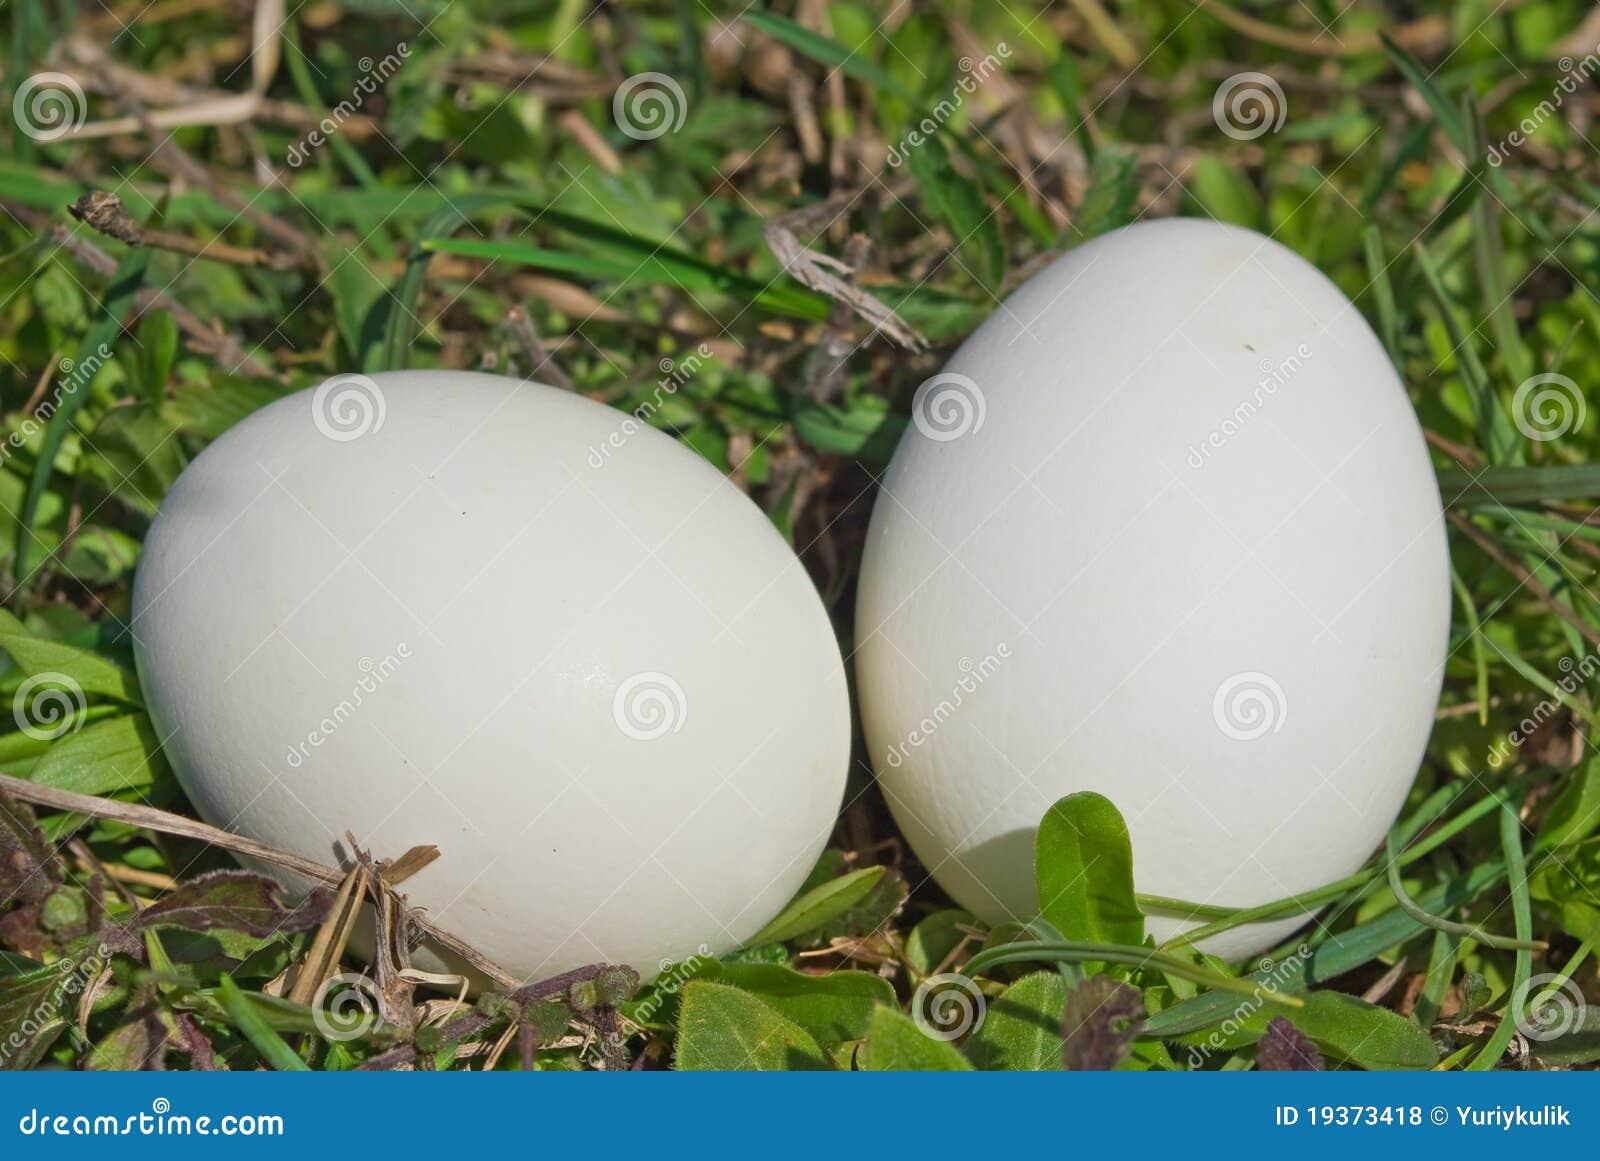 Ovo de dois pássaros em uma grama